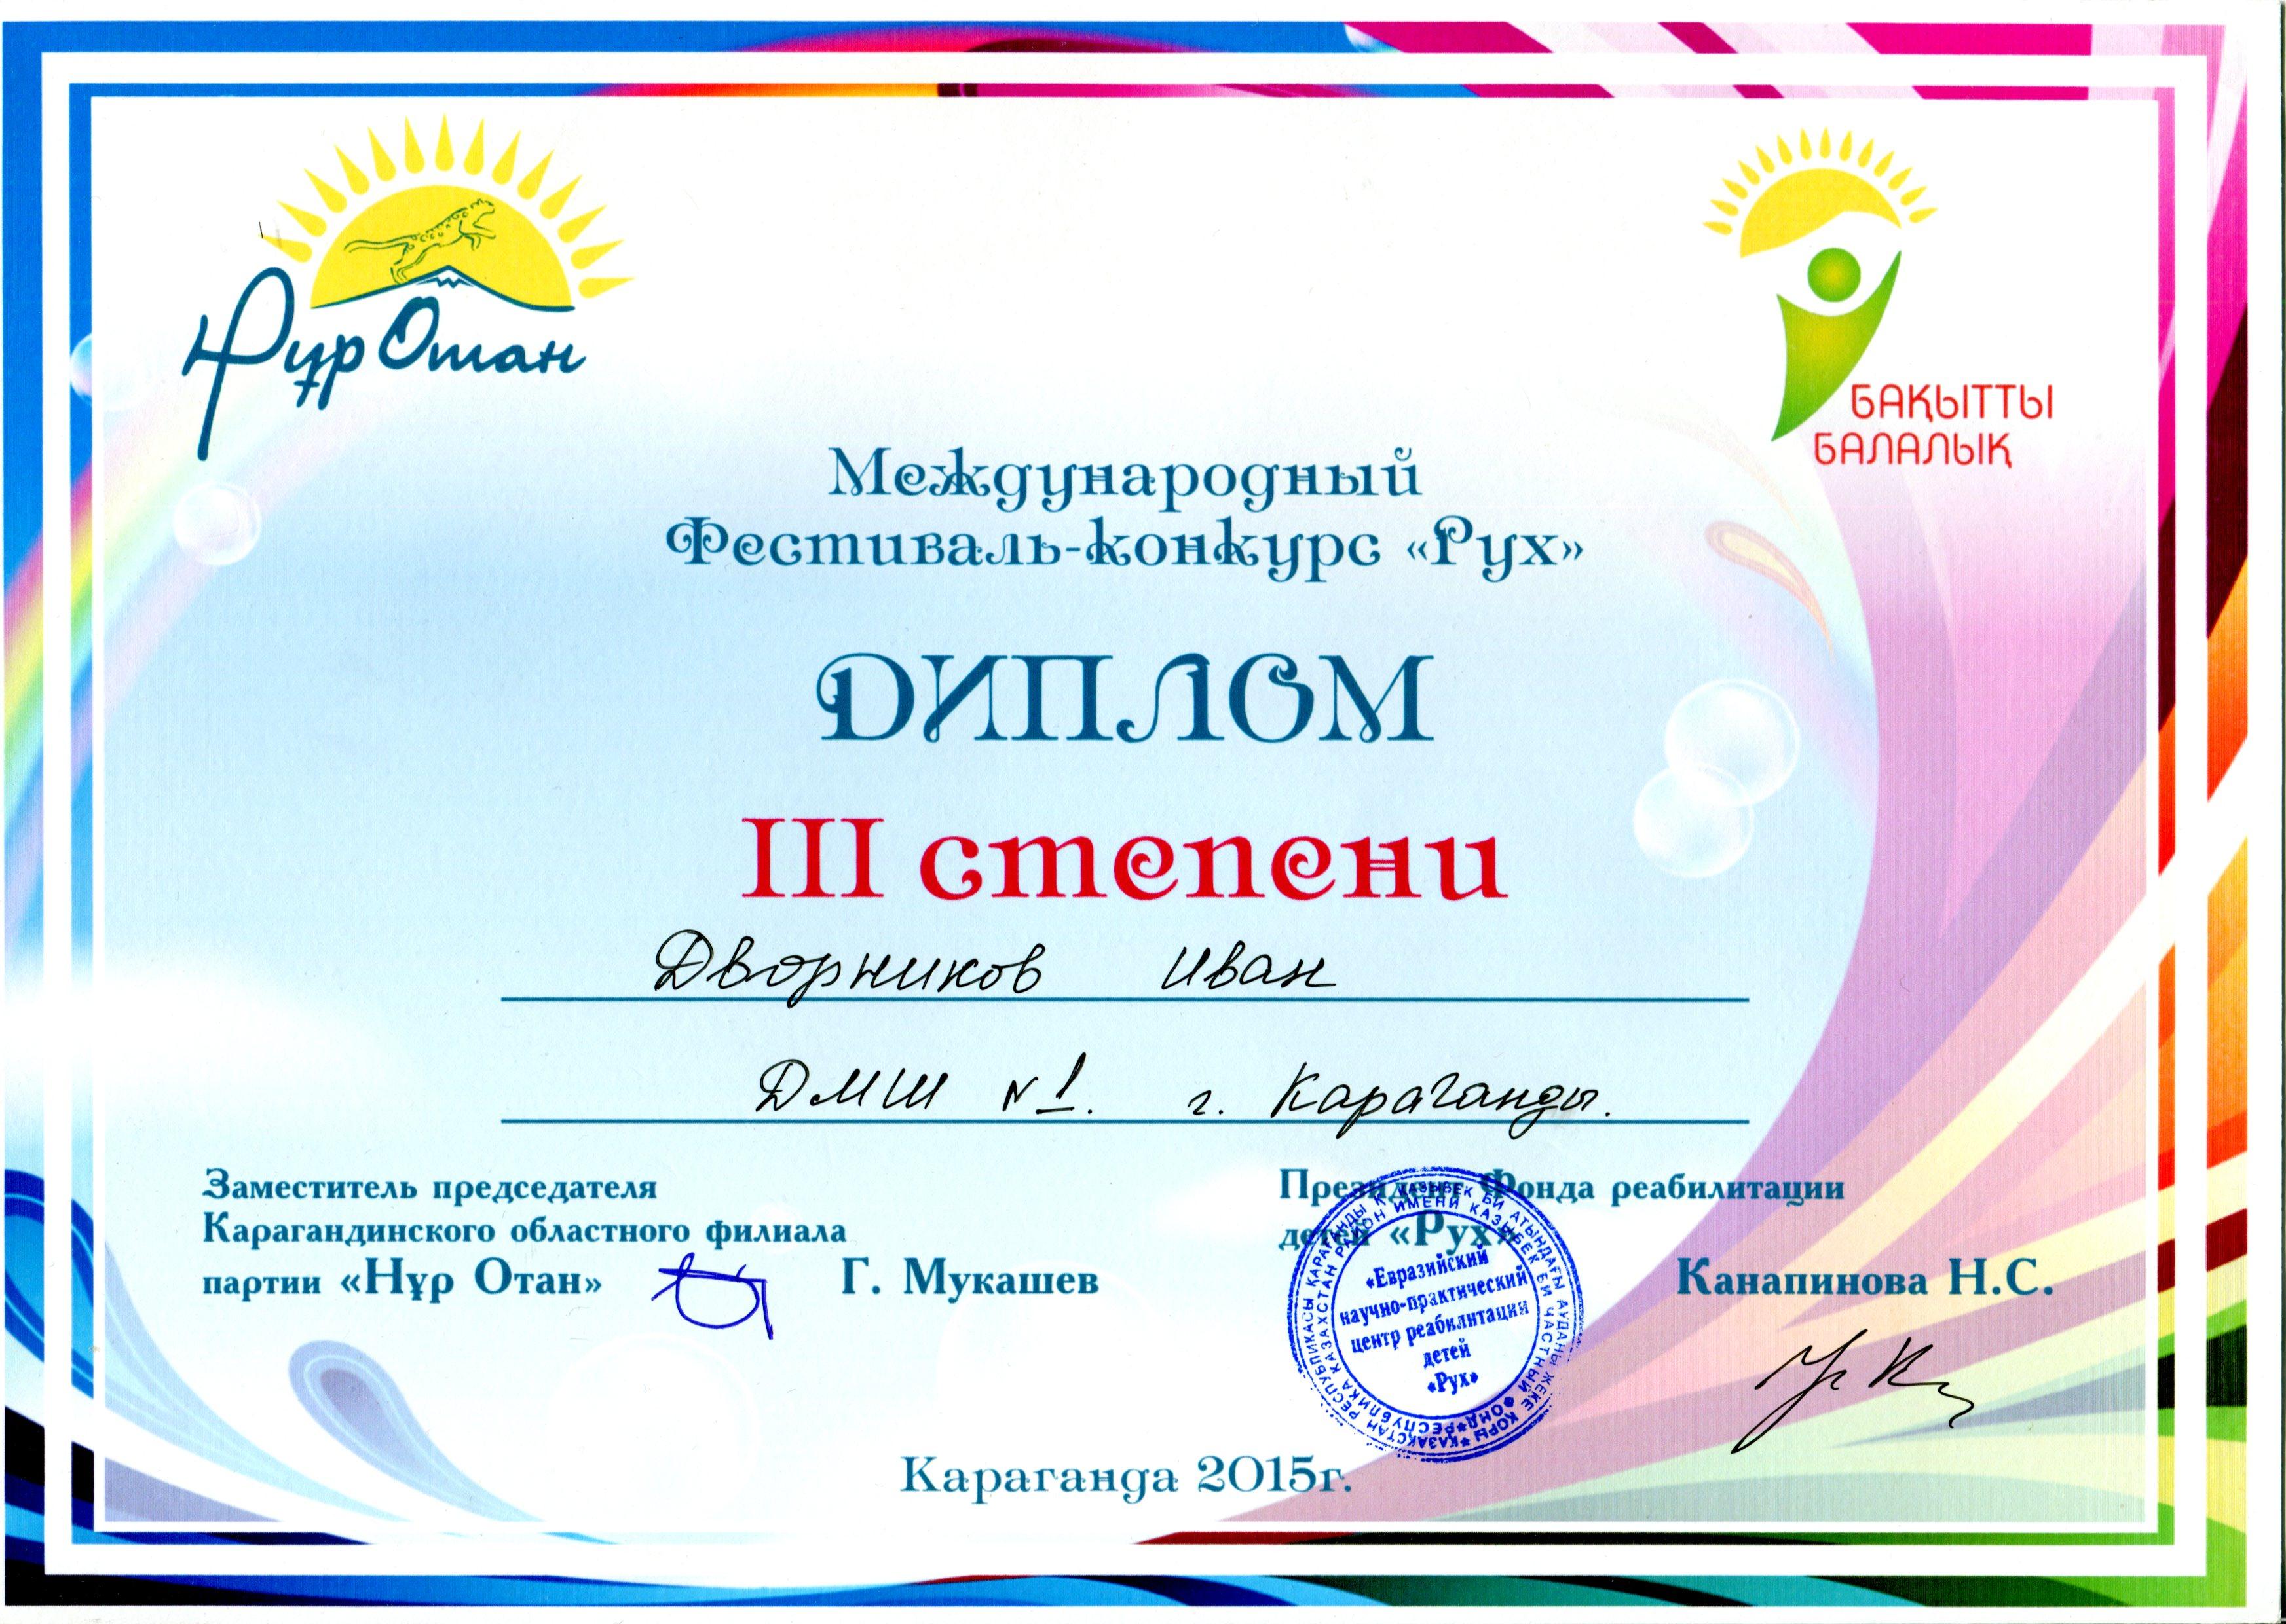 2015-06 Фестиваль-конкурс Рух (Дворников диплом)